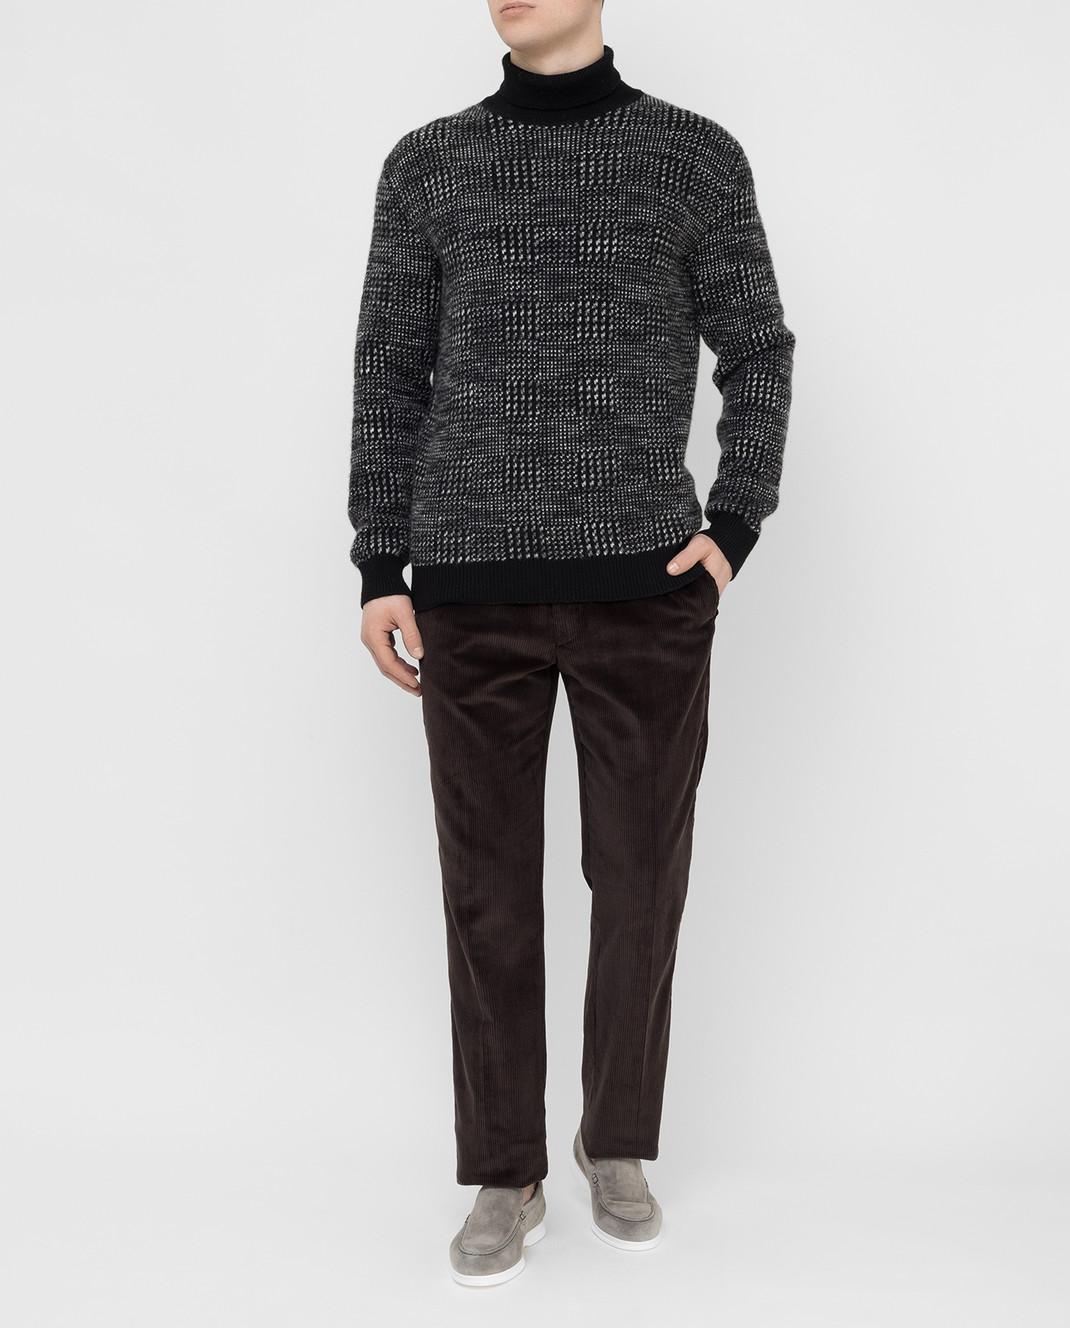 Ermenegildo Zegna Черный свитер из кашемира и шелка URH85120 изображение 2